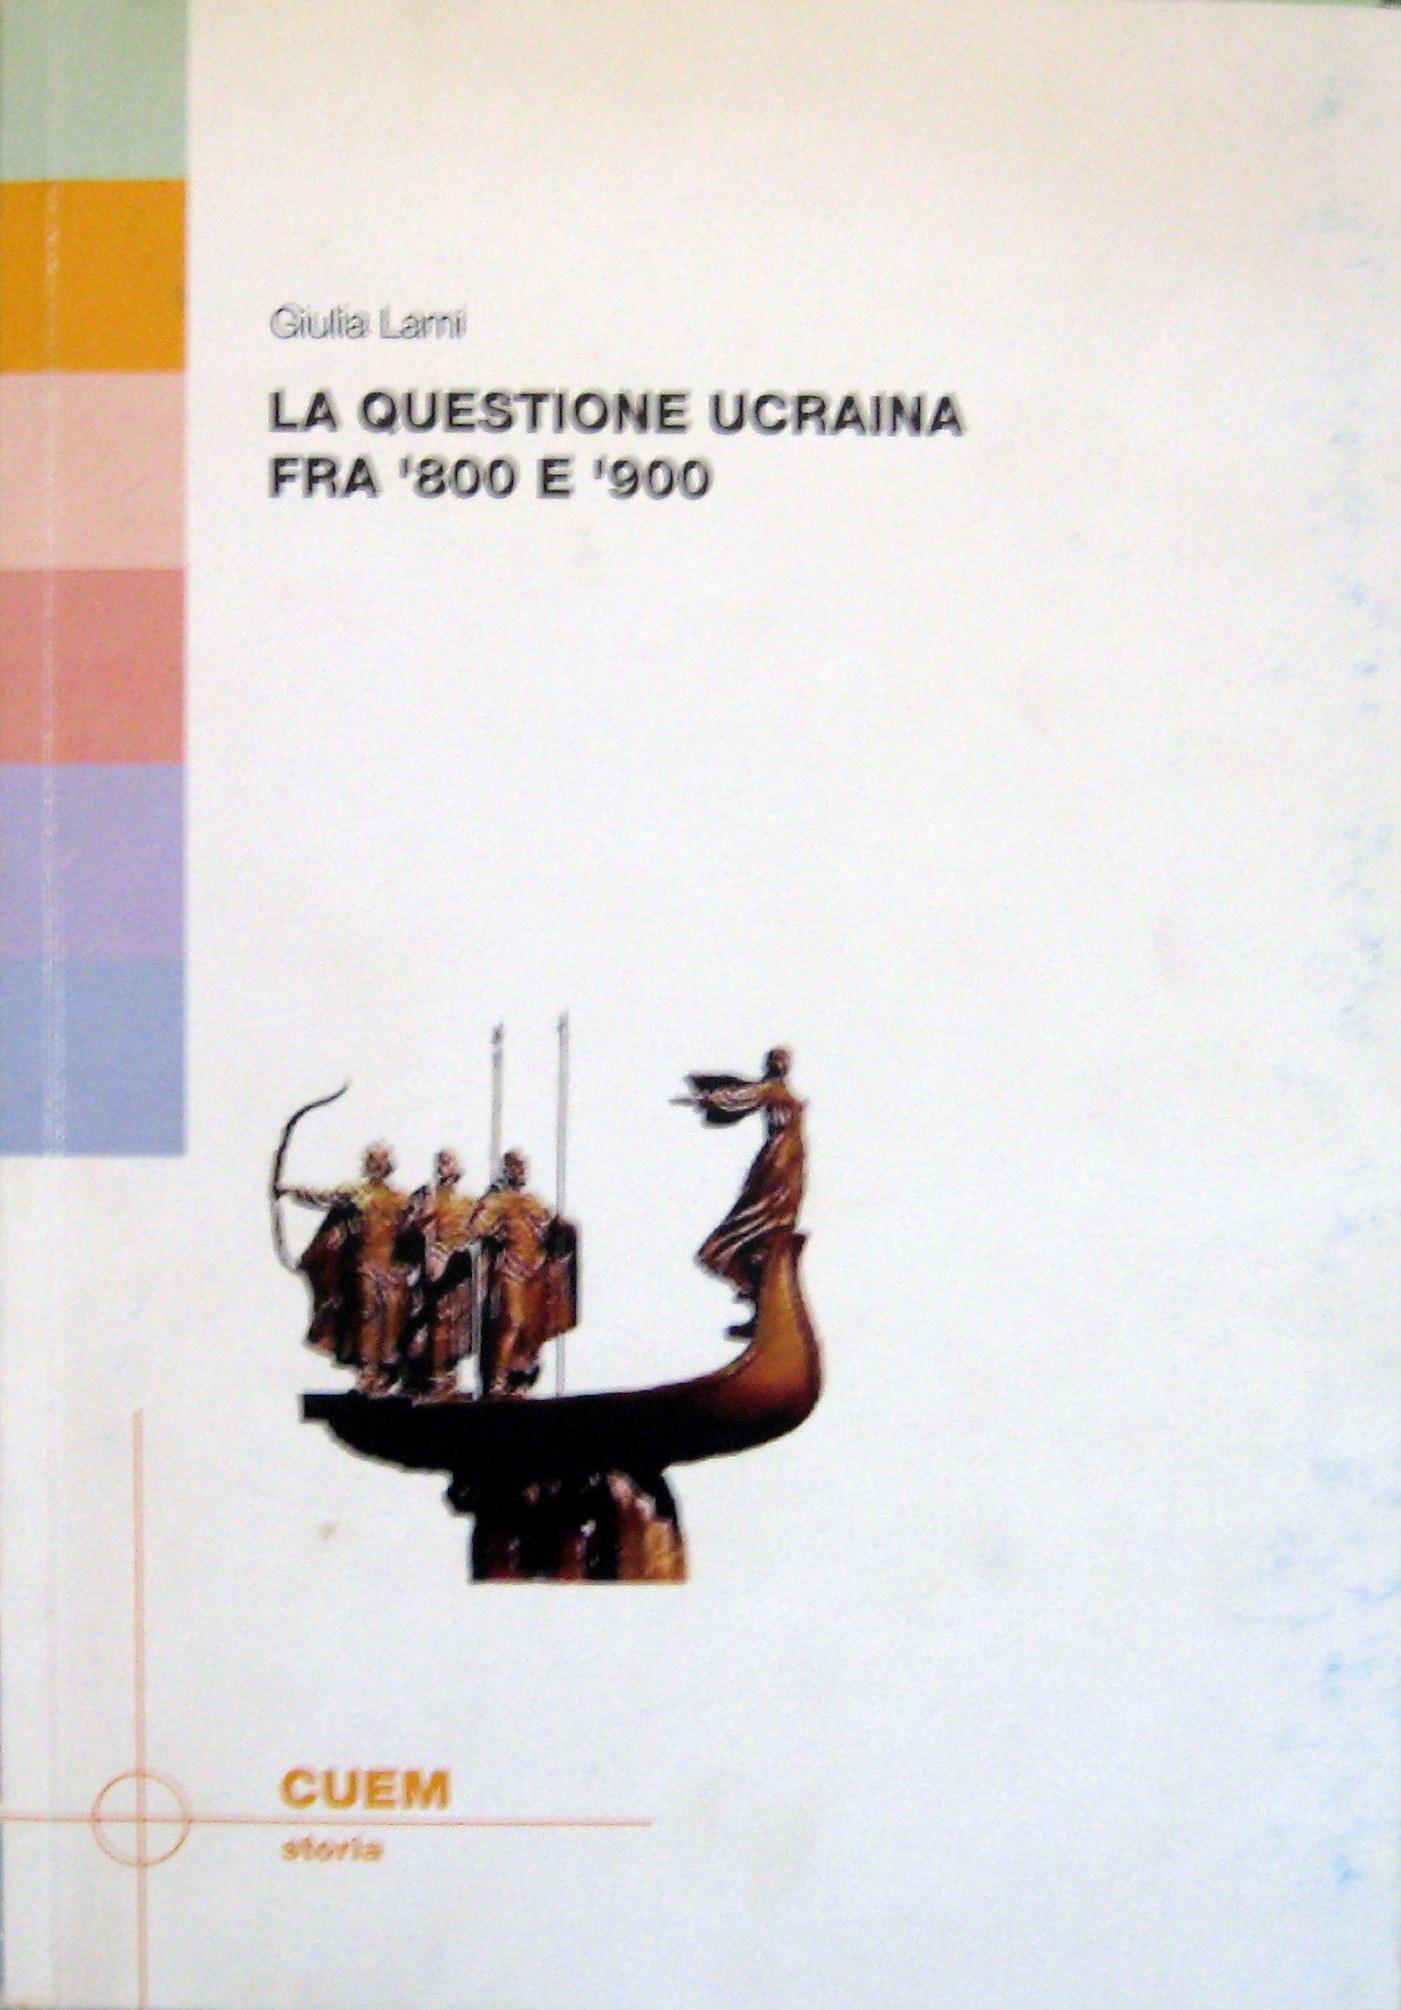 La questione ucraina tra '800 e '900